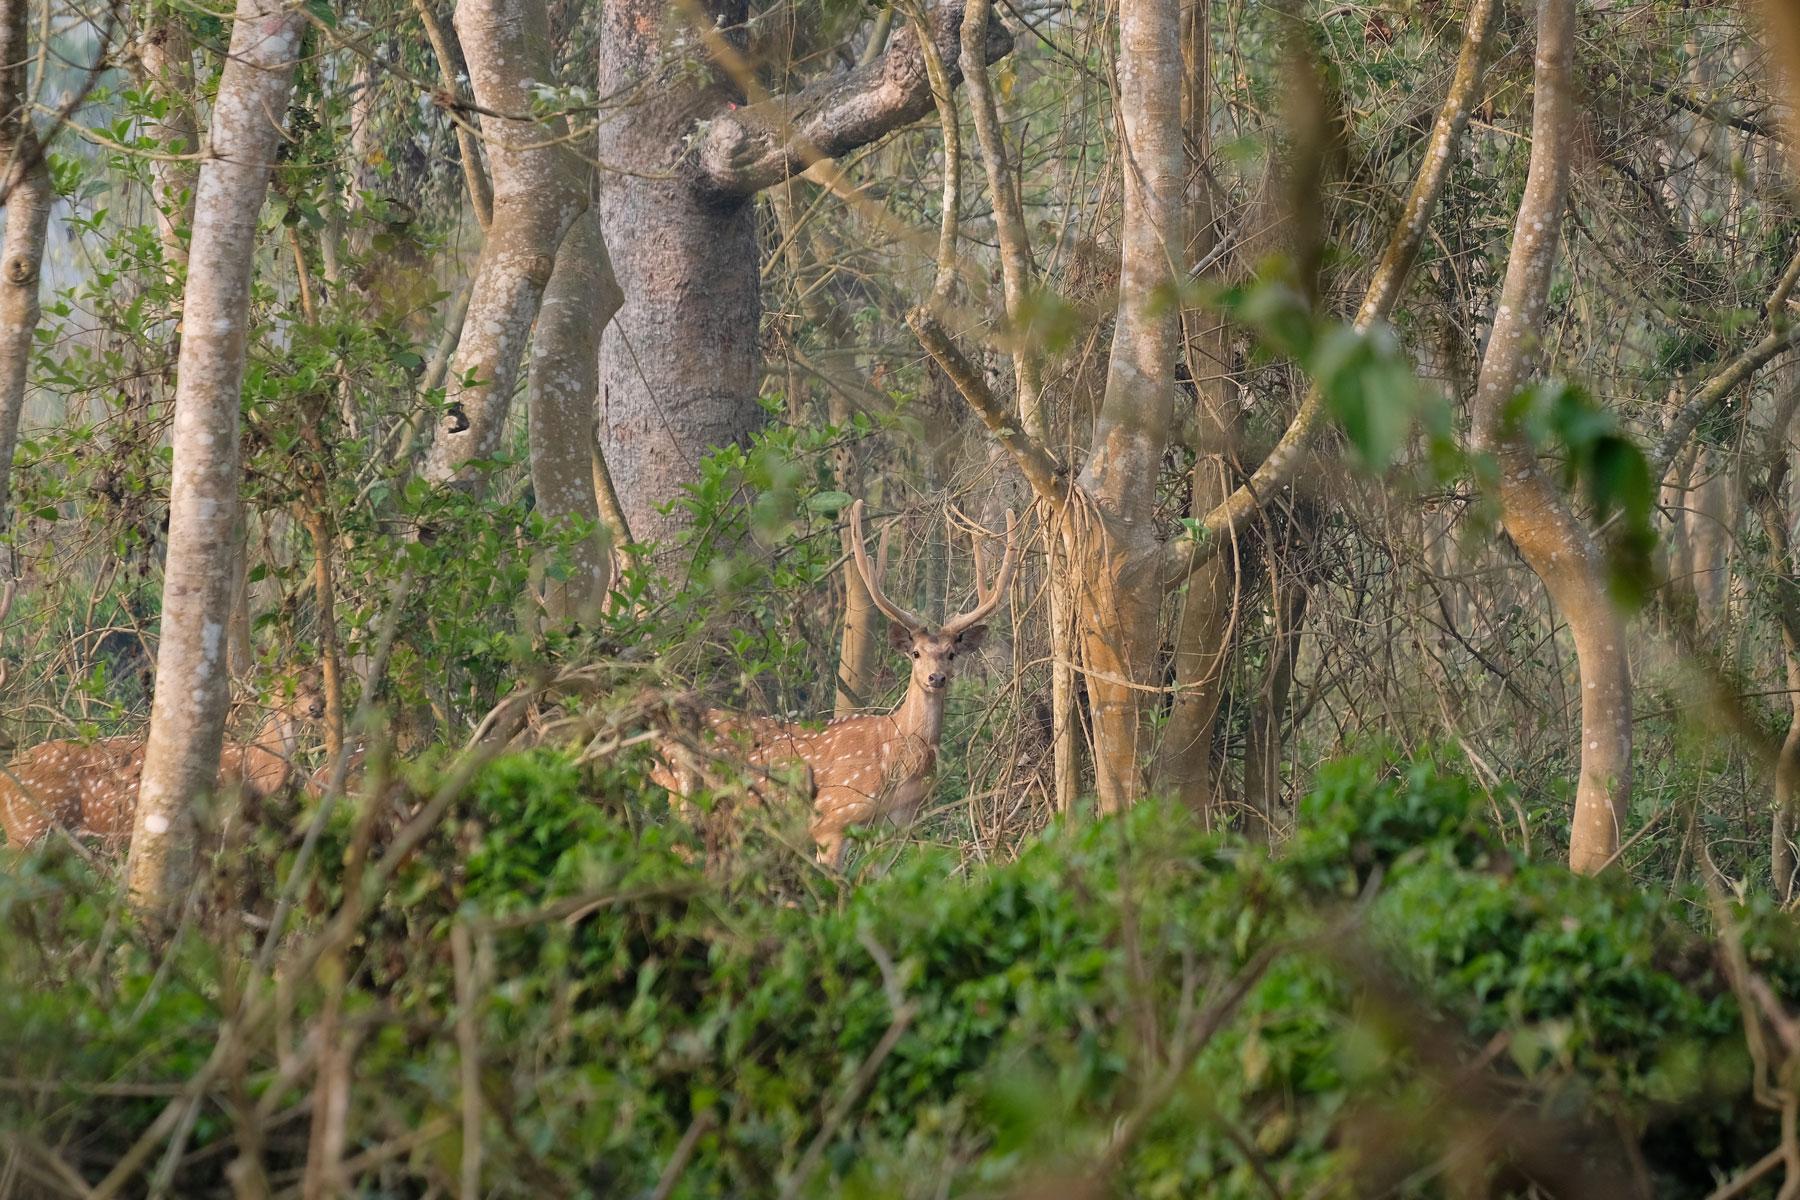 Axishirsche in einem Wald im Chitwan Nationalpark.